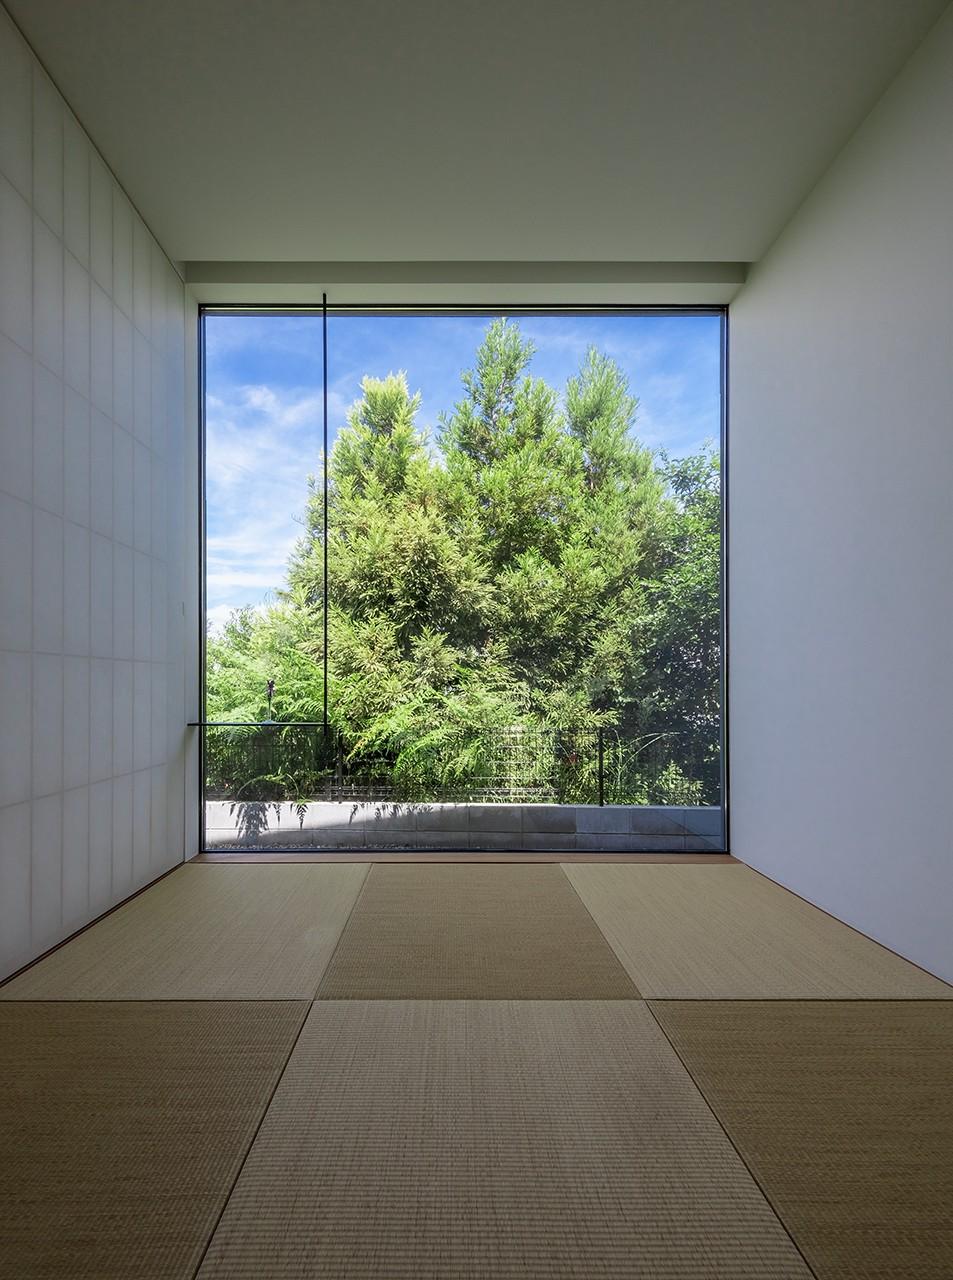 超絶 リゾートプールハウス (超絶リゾートプールハウス/大阪府和泉市)